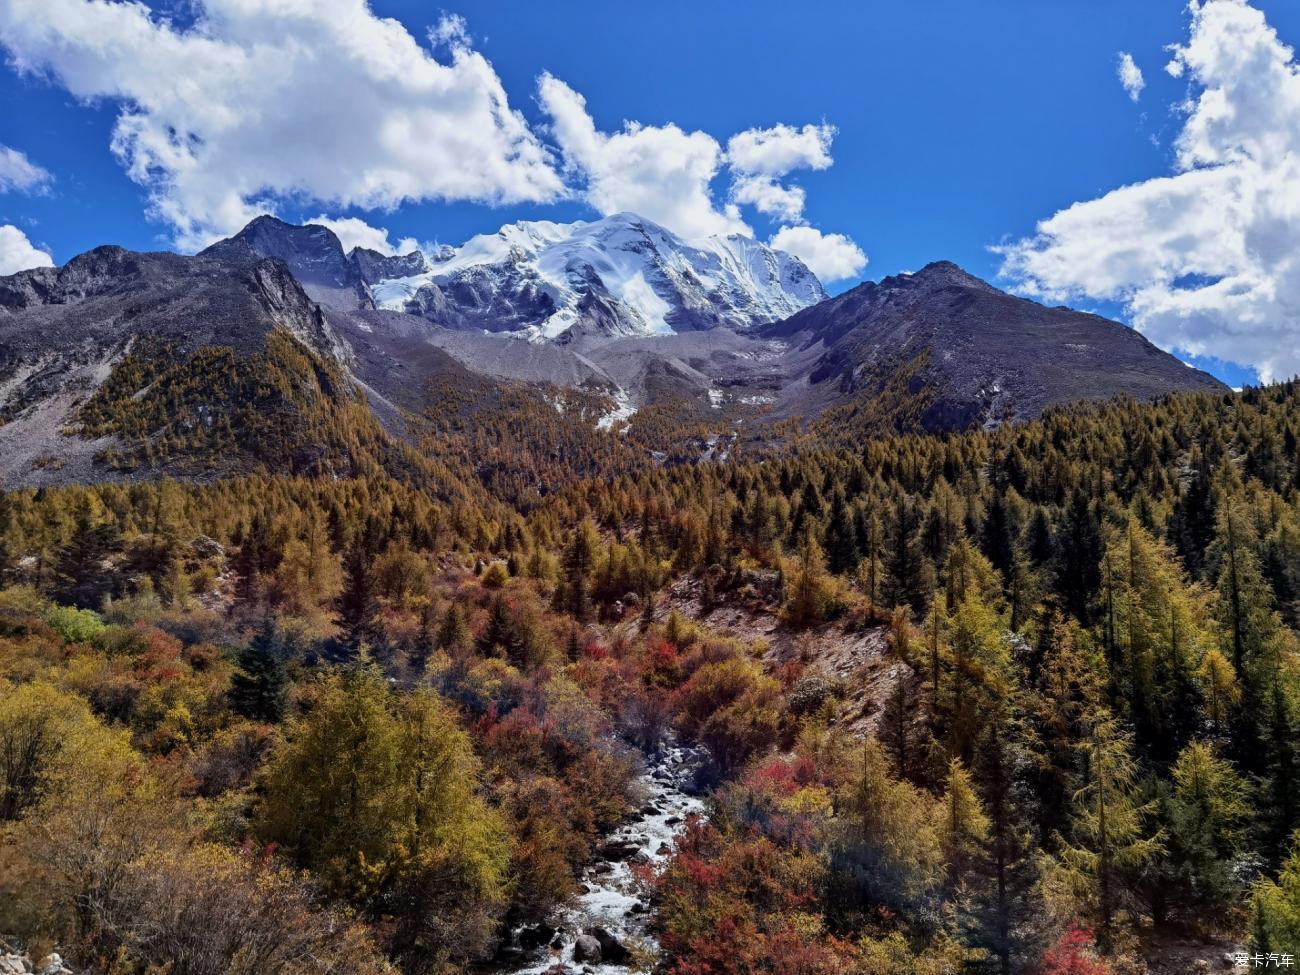 国庆大假甘孜州道孚县游亚拉雪山和墨石公园